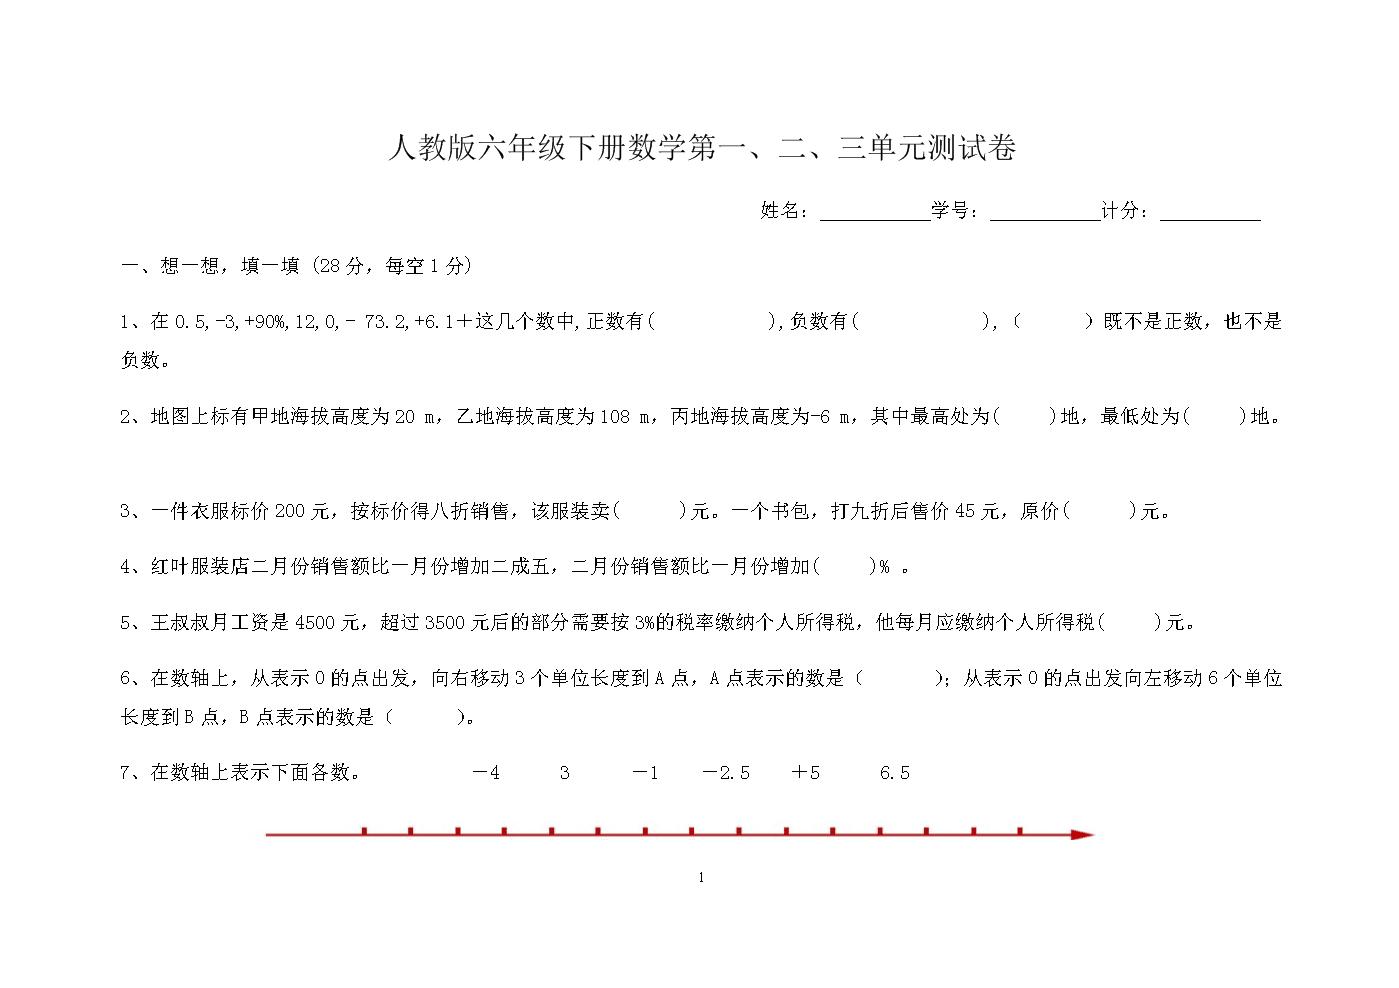 人教版六年级下册数学第一、二、三单元测试卷.docx